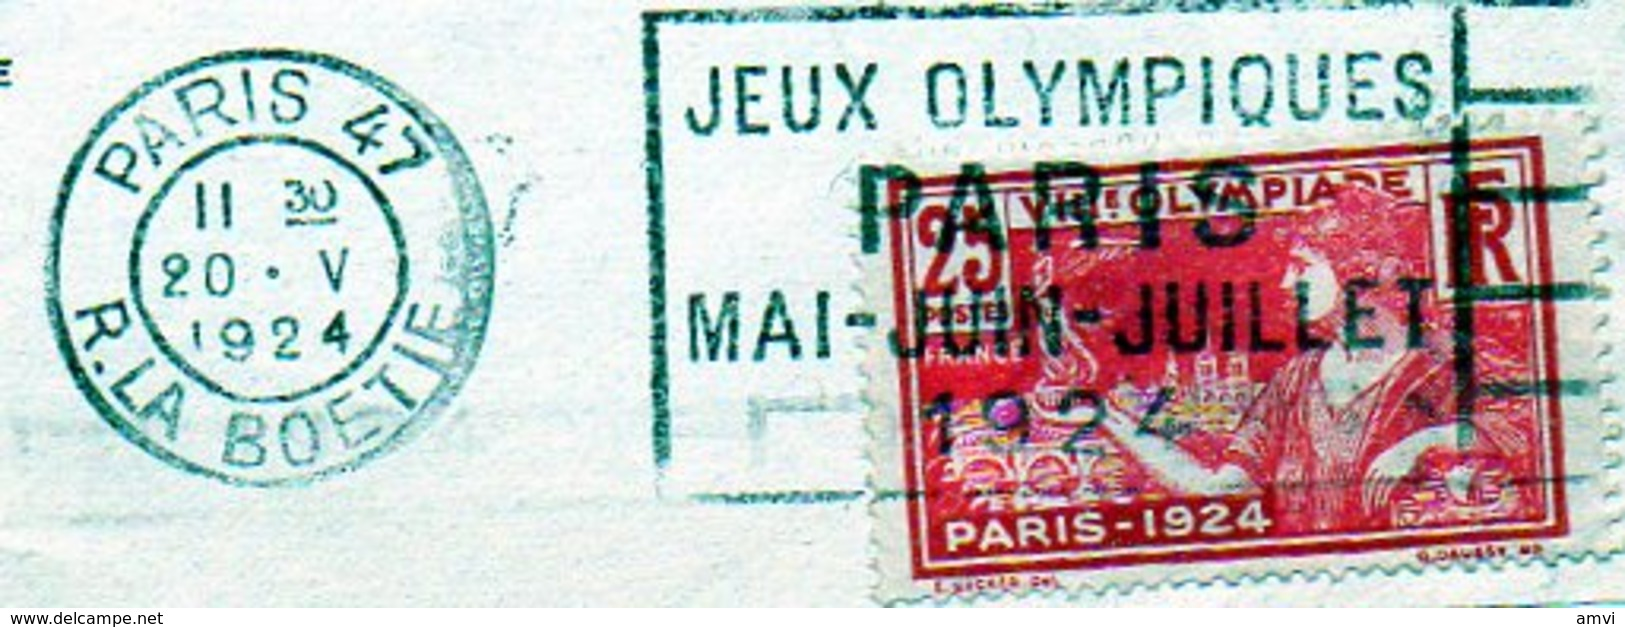 B01 - LOT De 6 FRAGMENTS Avec OBLITERATION MECANIQUE JEUX OLYMPIQUES 1924 - Marcophilie (Timbres Détachés)